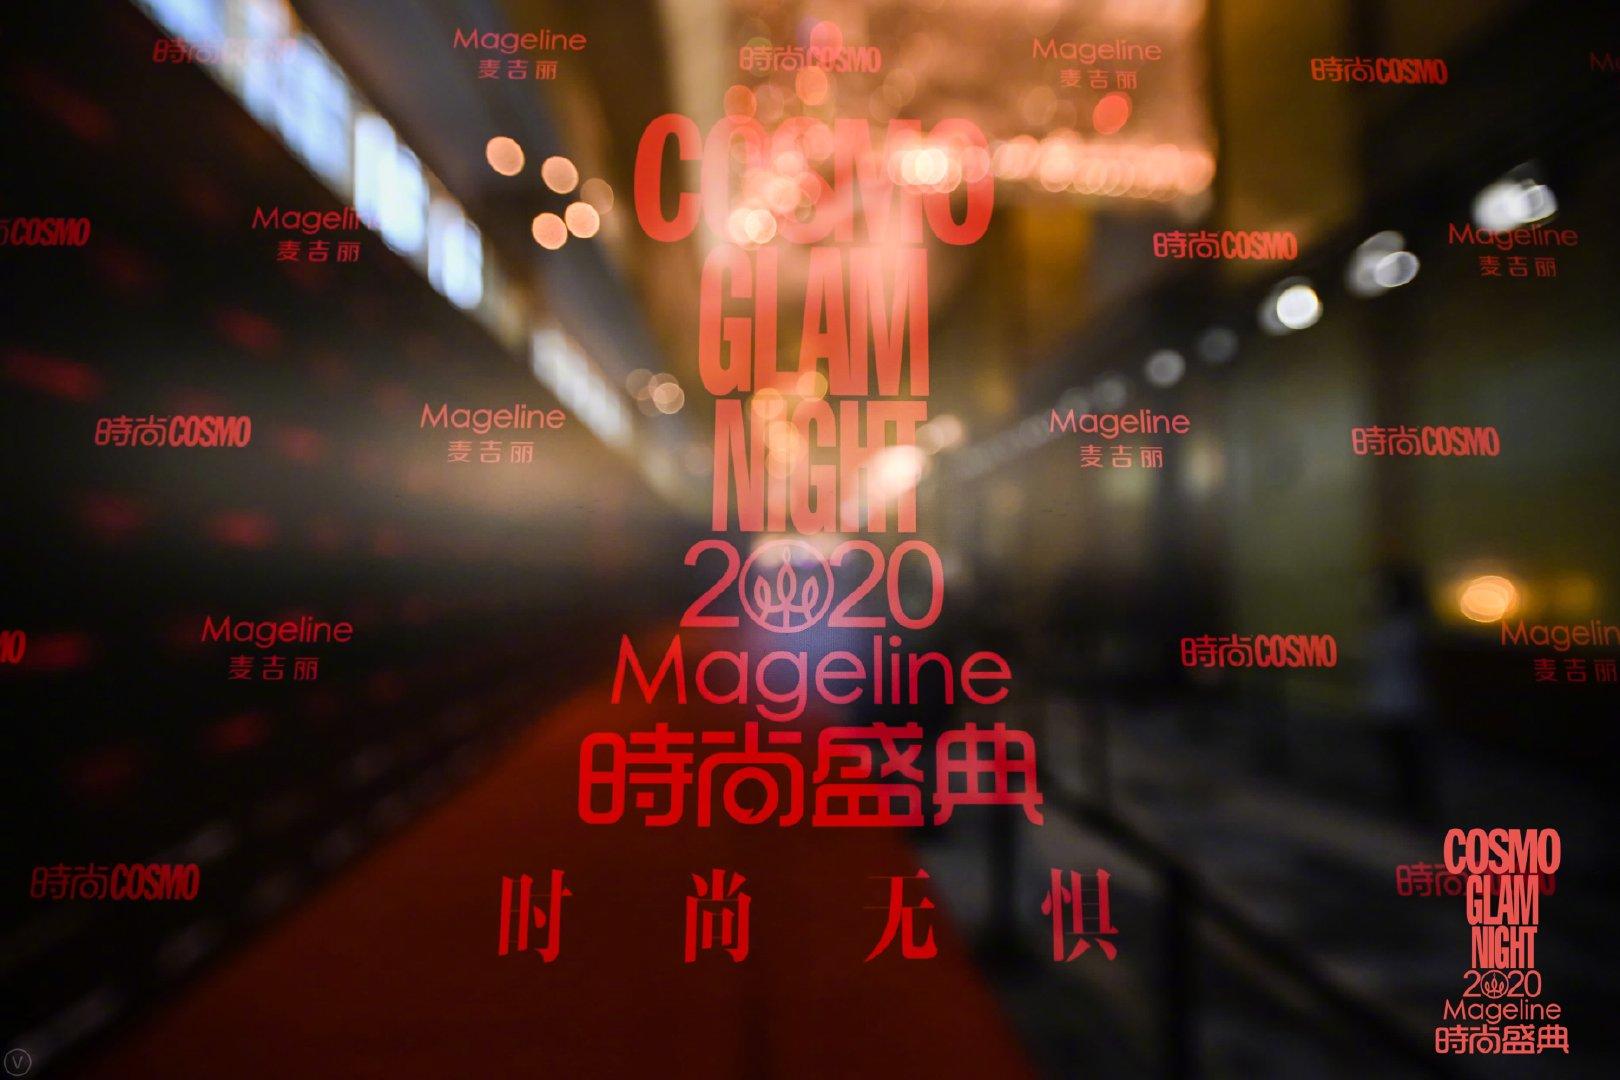 2020 灯光、摄影机、红毯全部ready,盛典大幕即将拉开!……